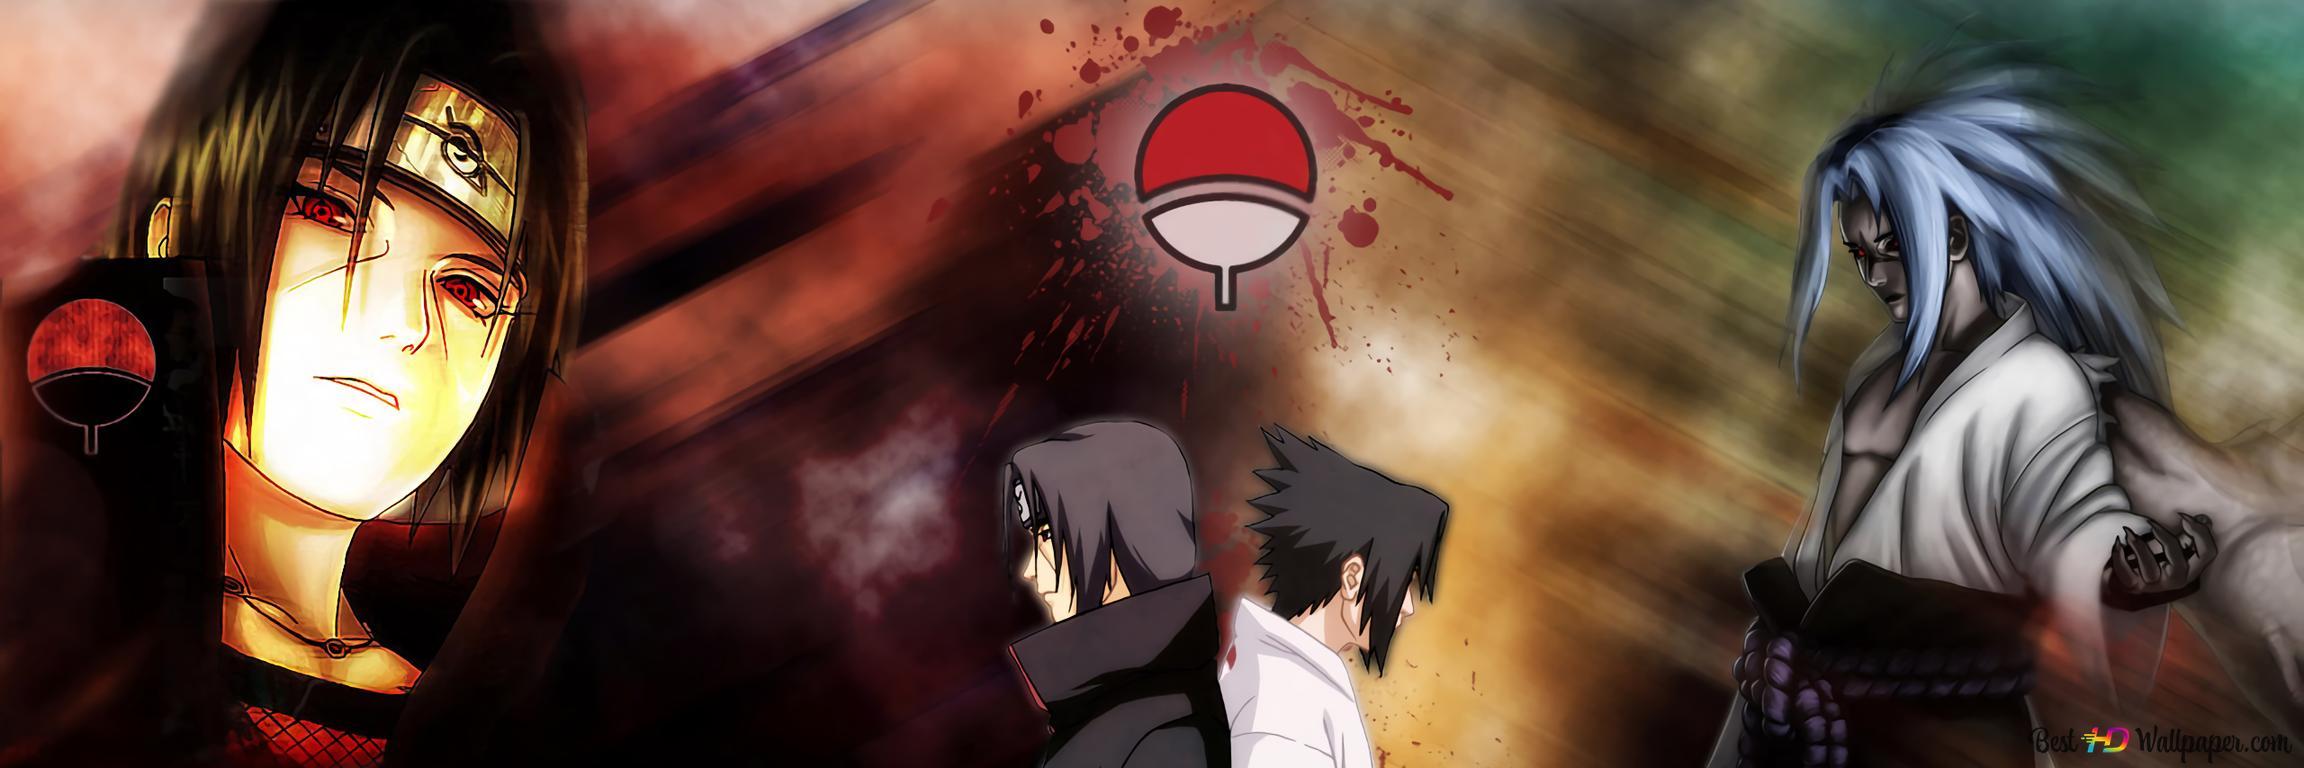 Anime Naruto Sasuke Itachi Hd Wallpaper Download